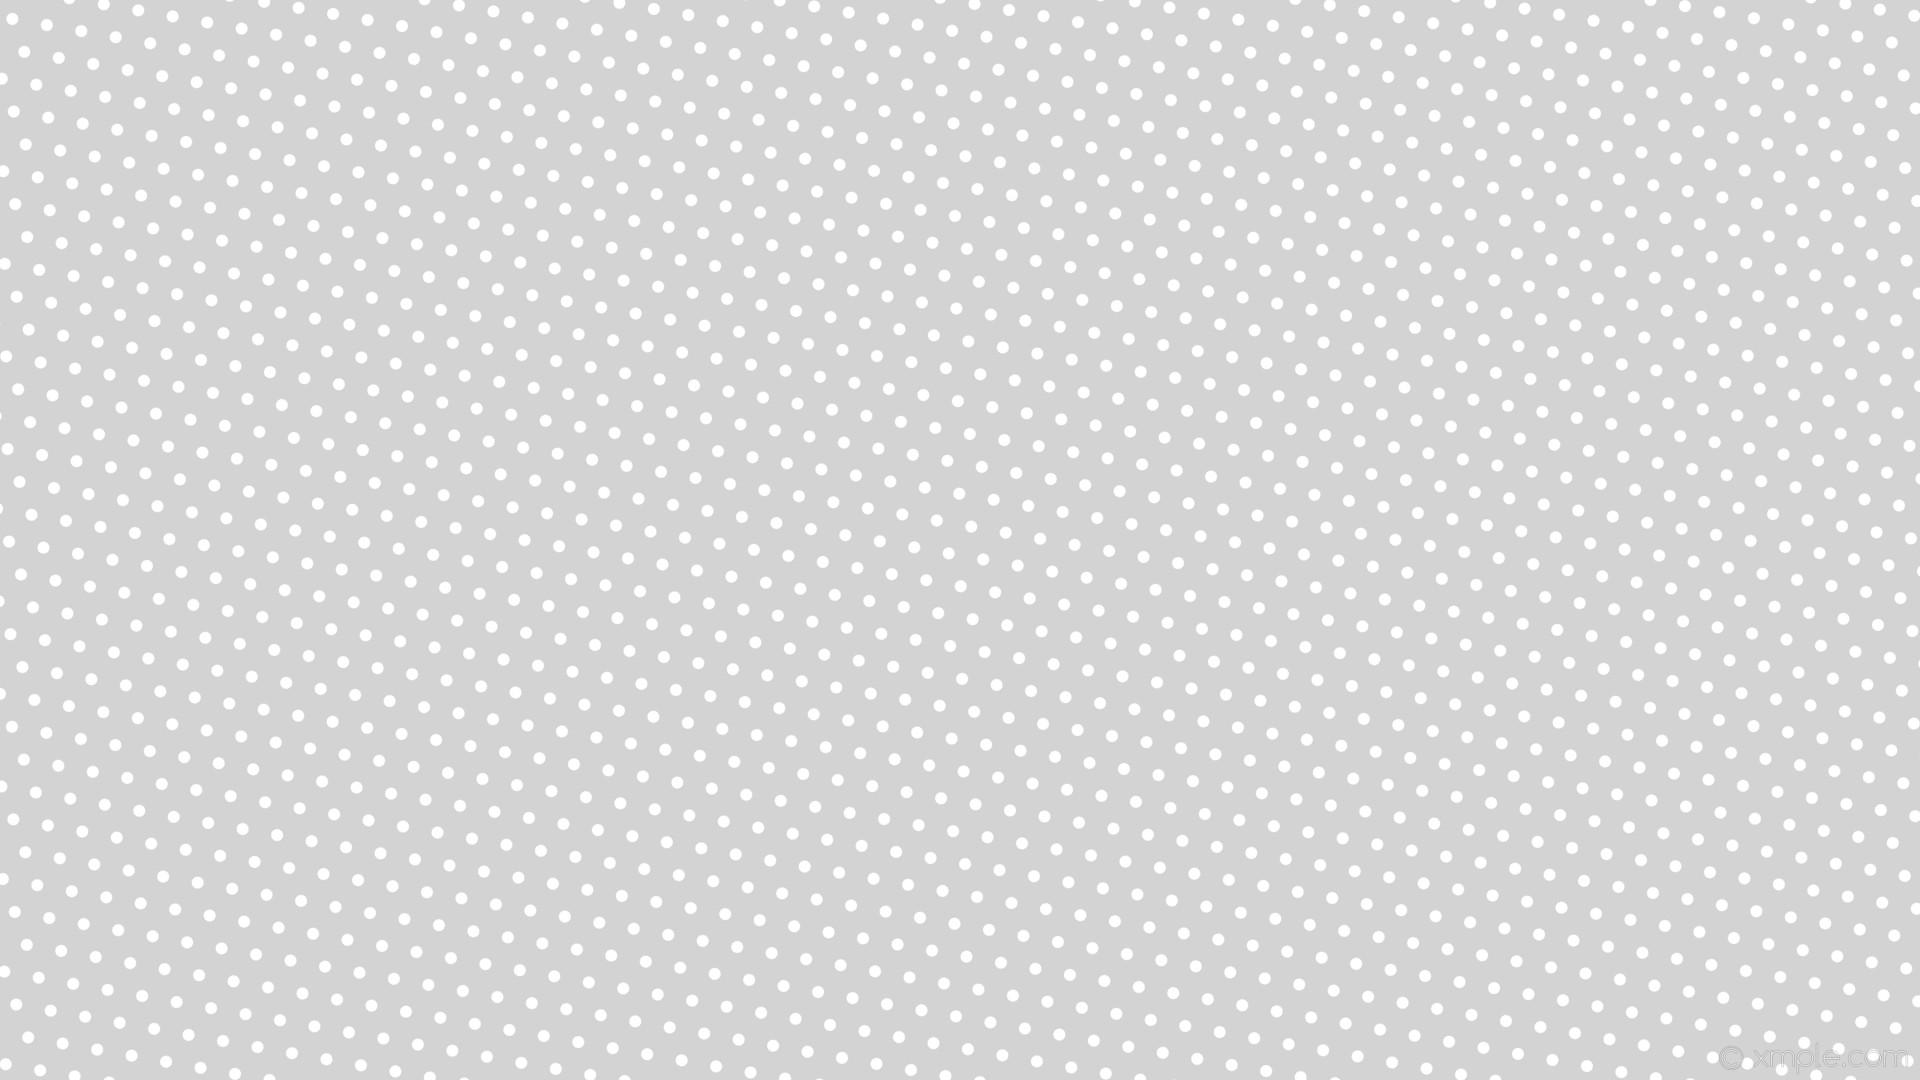 wallpaper grey hexagon white polka dots light gray #d3d3d3 #ffffff diagonal  50° 12px